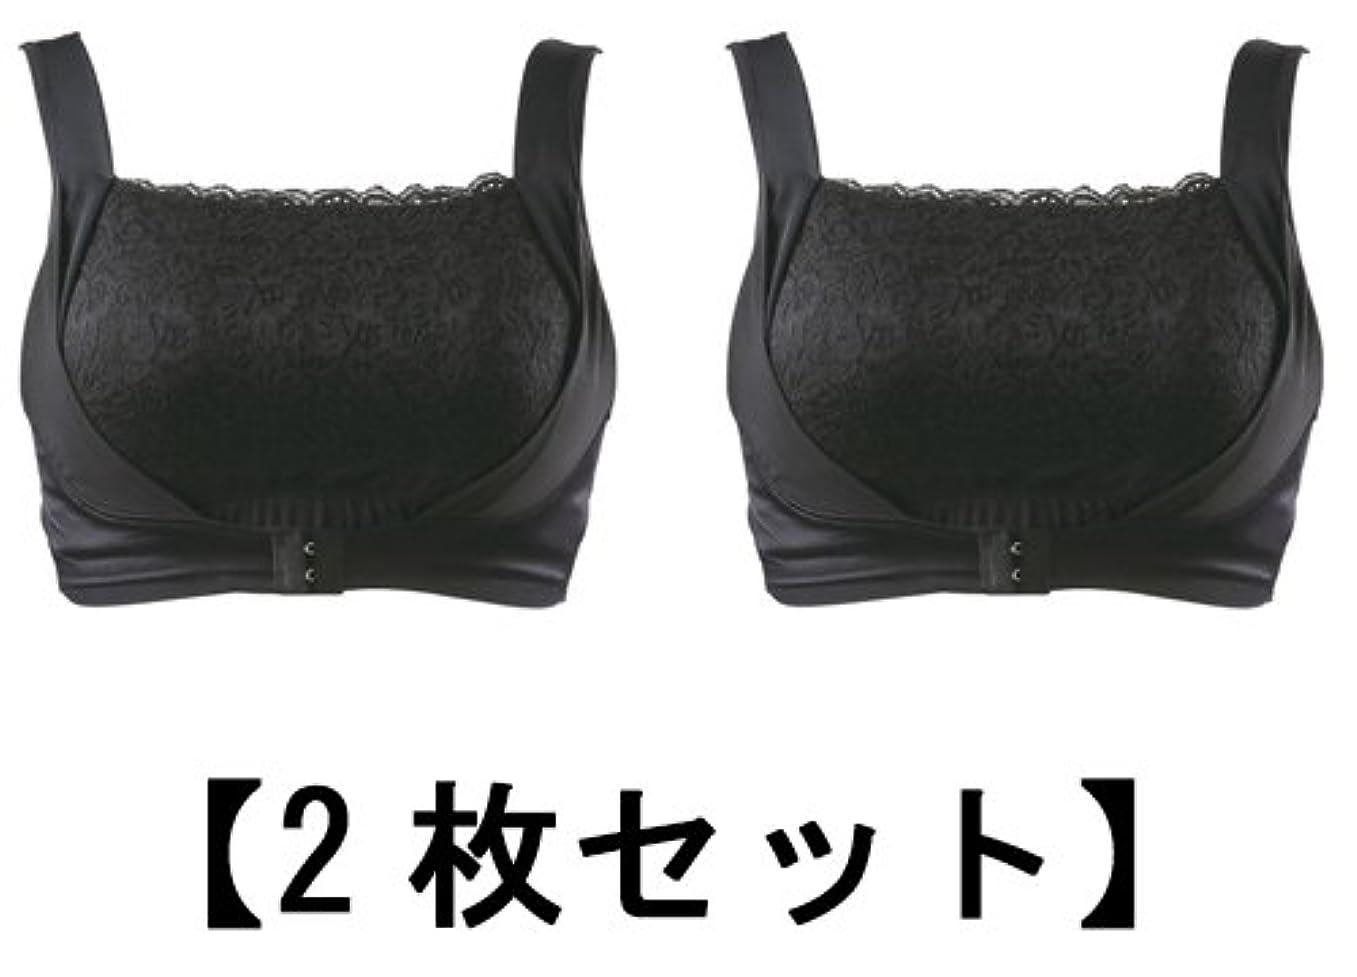 性的広がり抑圧バストボリュームUPブラ レース L-LLサイズ 2枚セット(脇肉補正バストアップブラ)